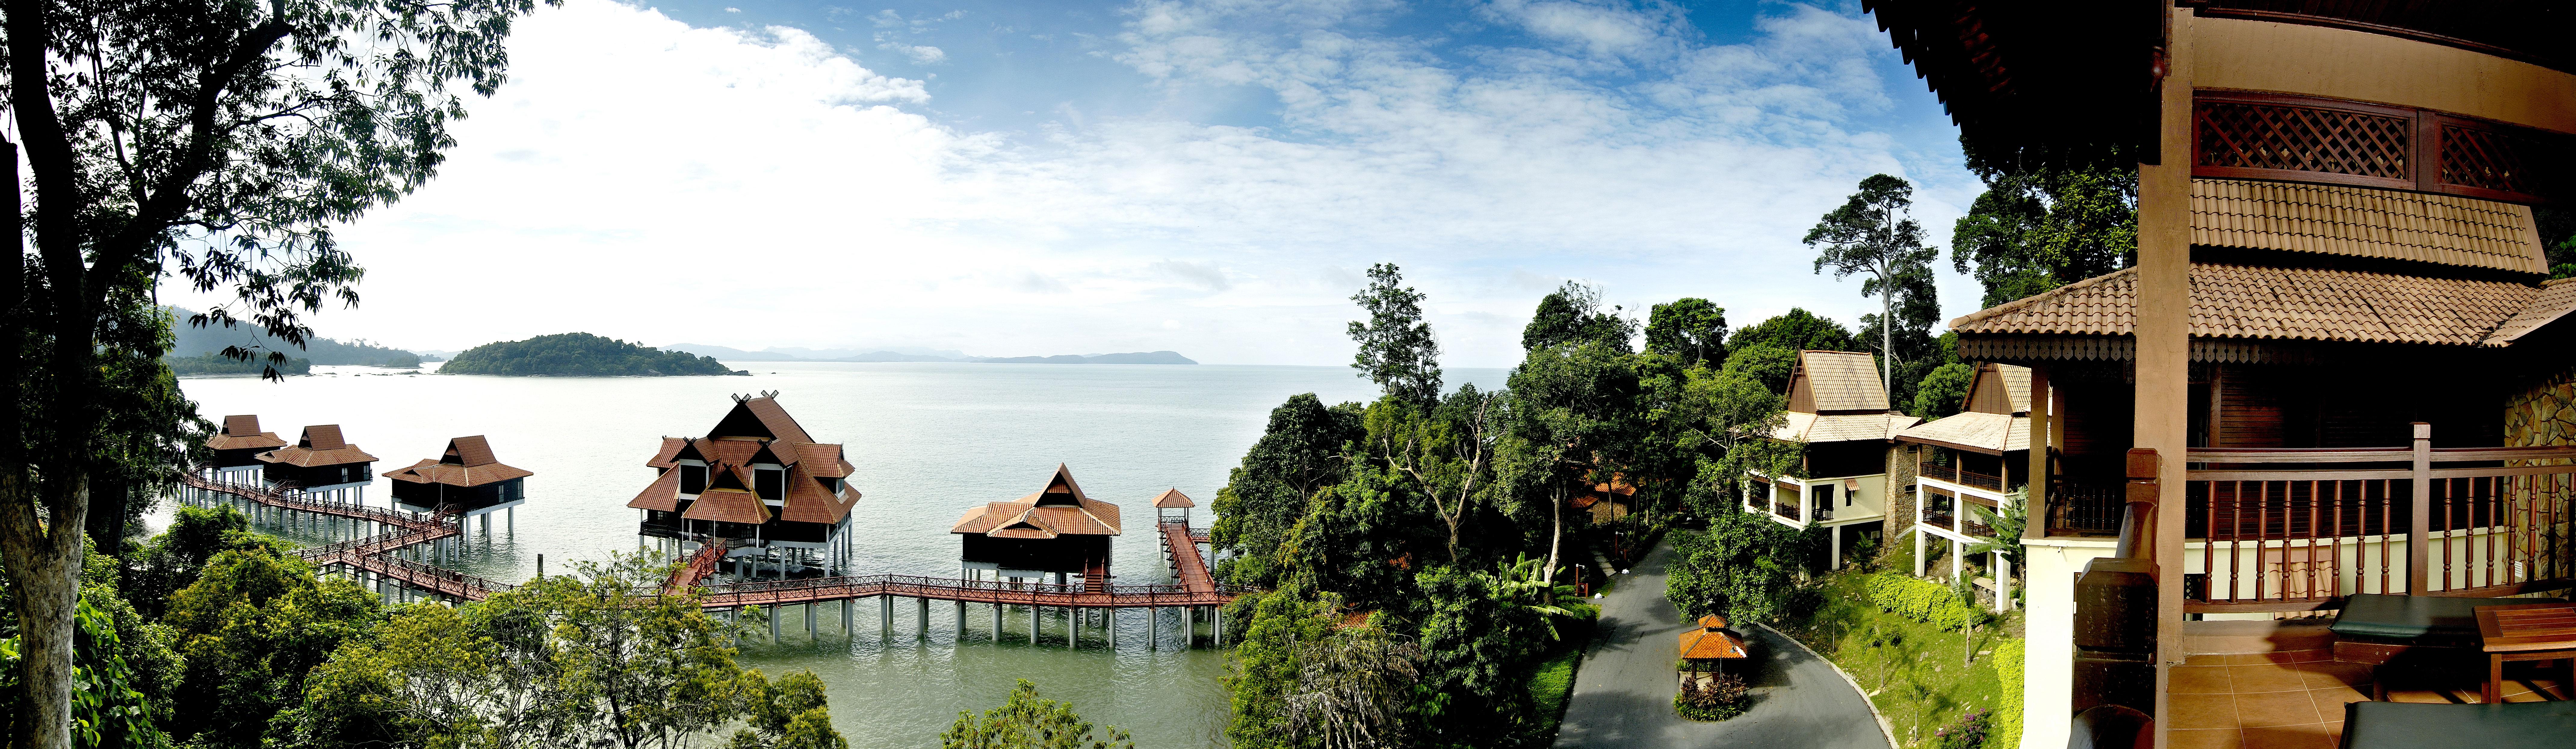 Berjaya-Langkawi-Resort-Resort Aerial View - Land & Water Chalets